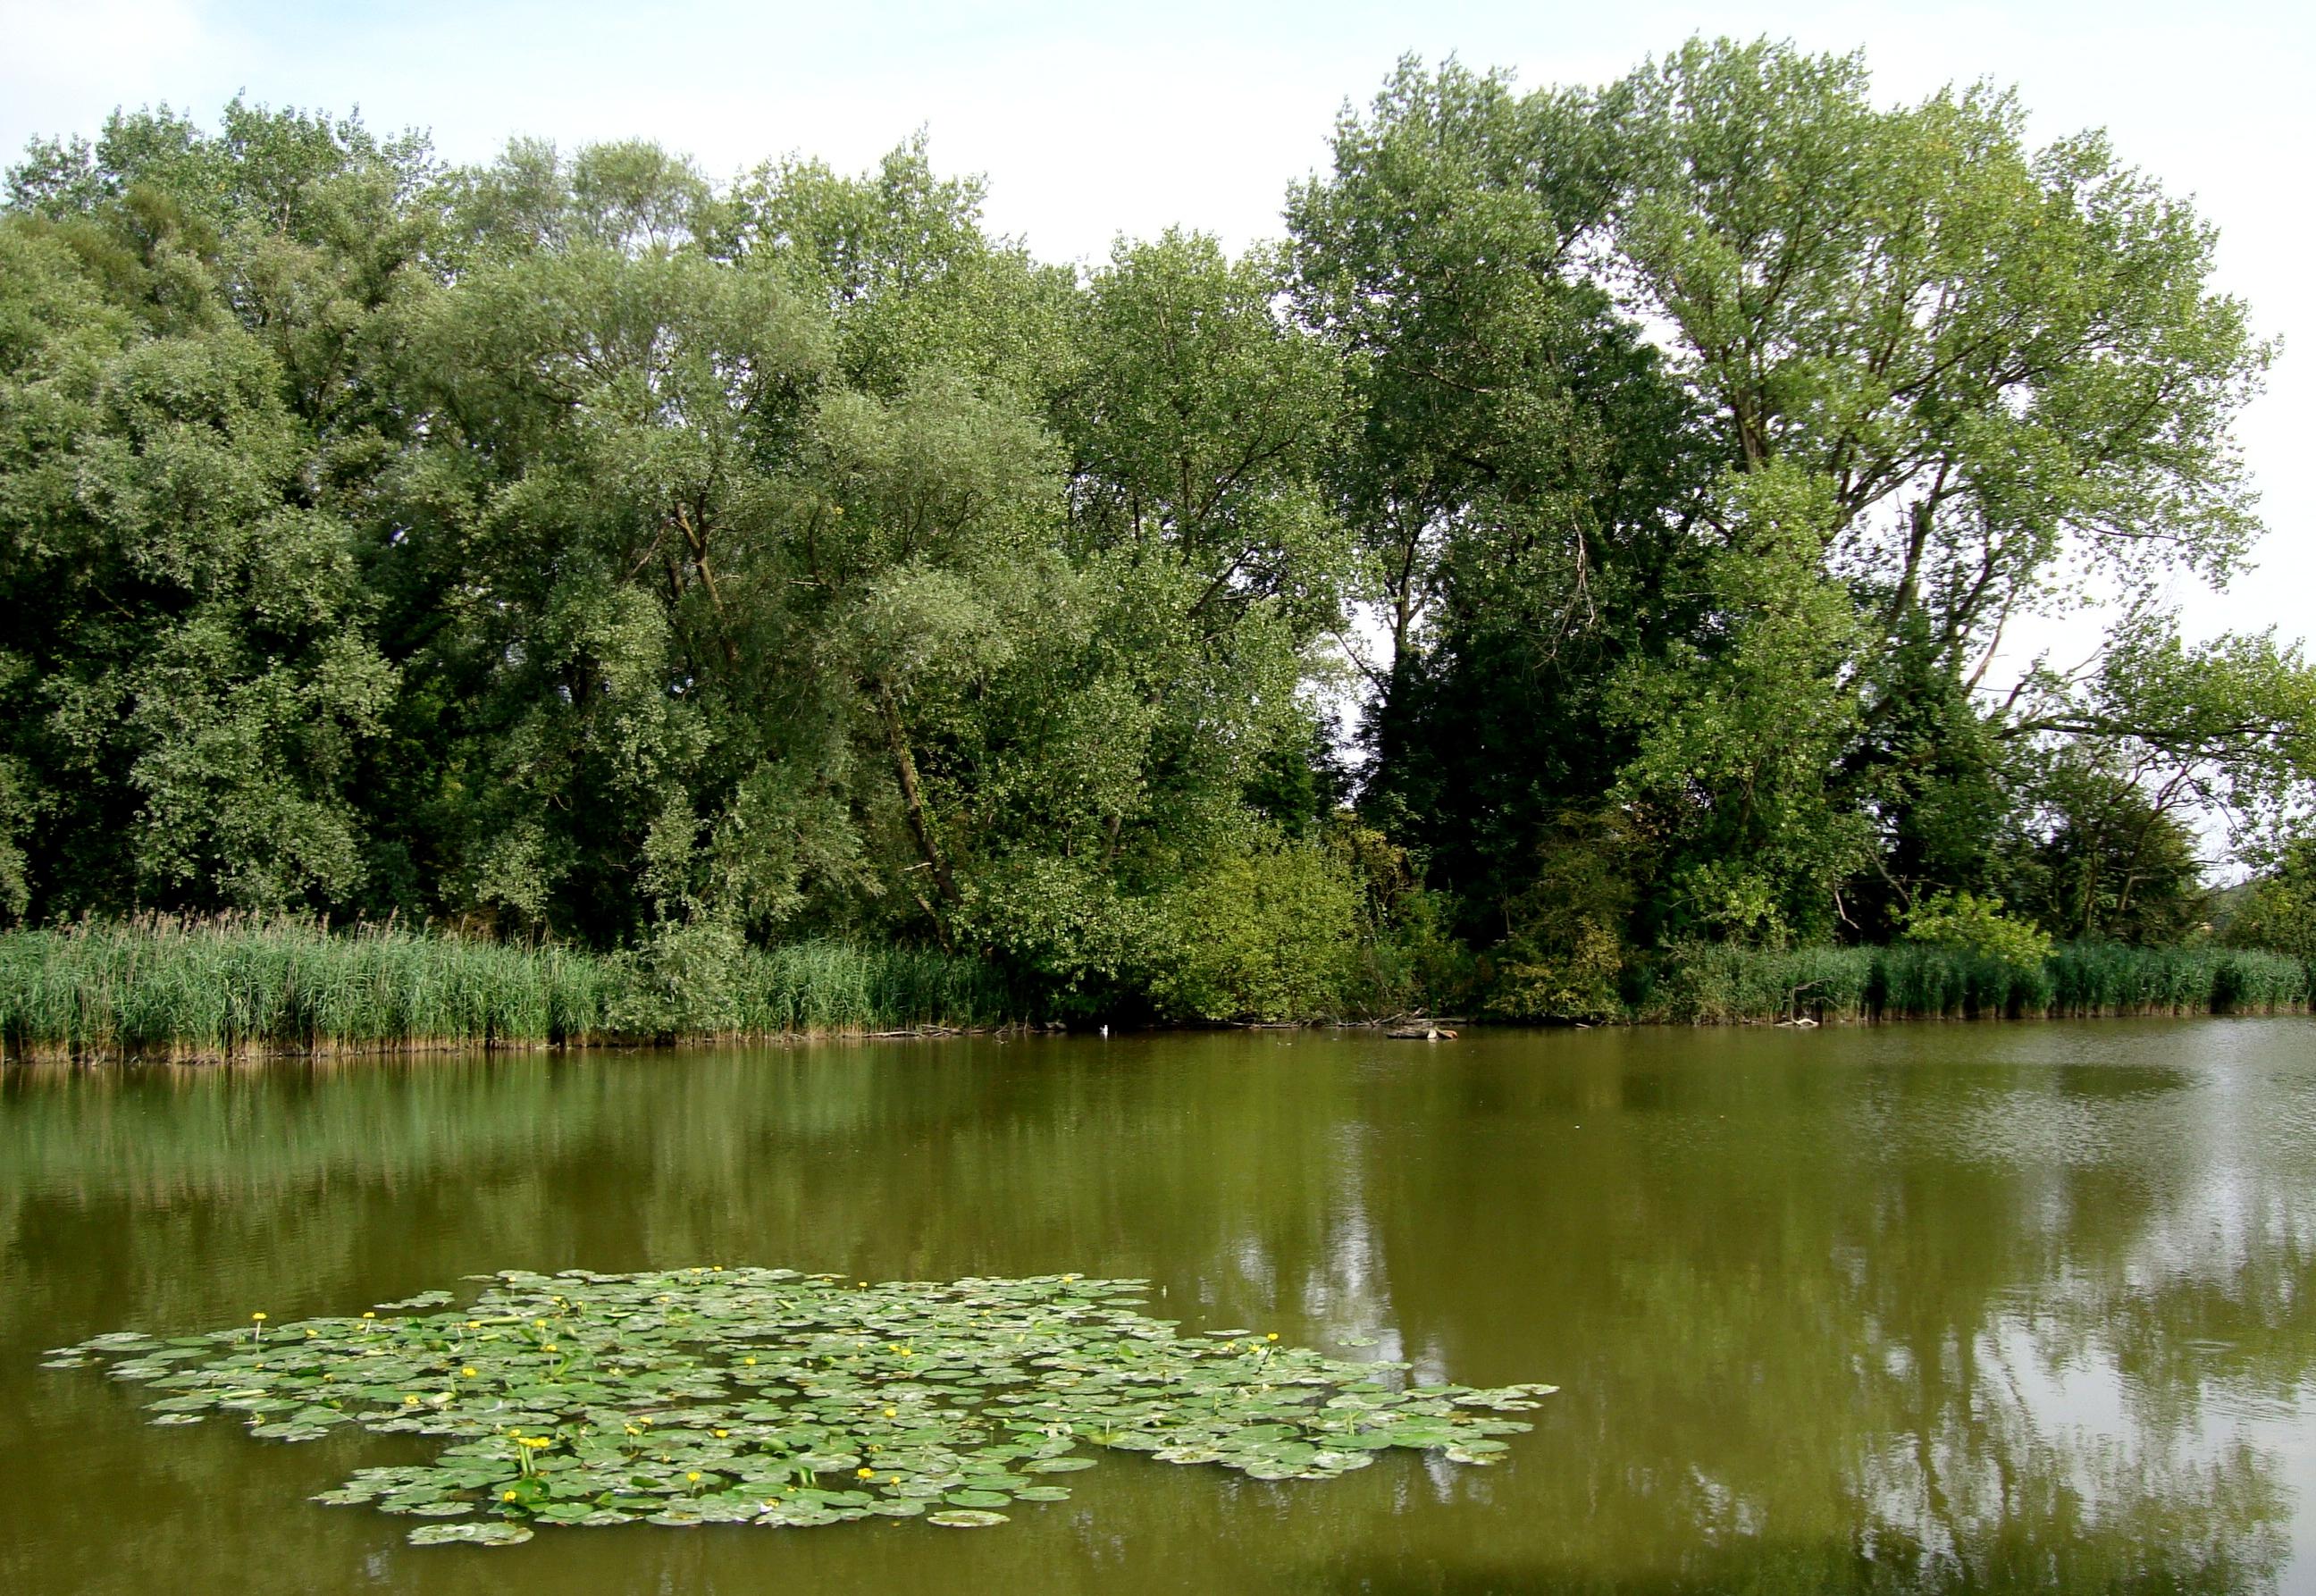 File:Parc de la deule wavrin marais.JPG - Wikimedia Commons